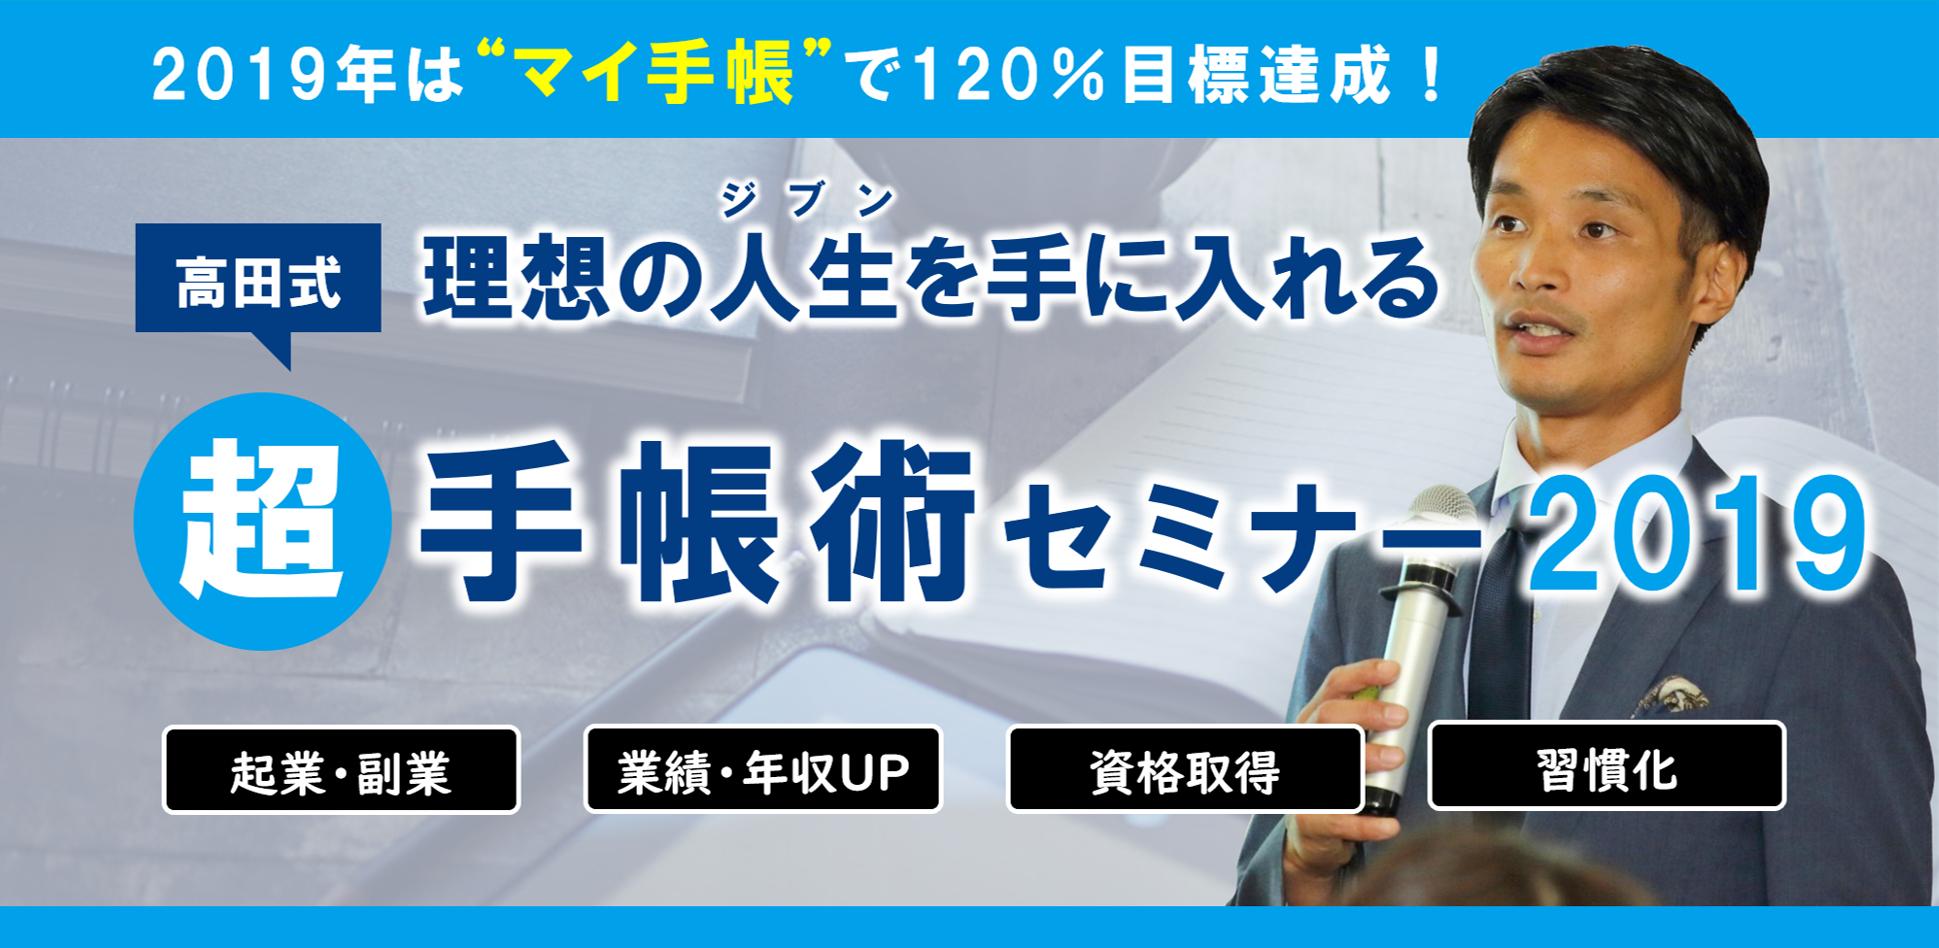 【高田式】理想の人生を手に入れる「超」手帳術セミナー